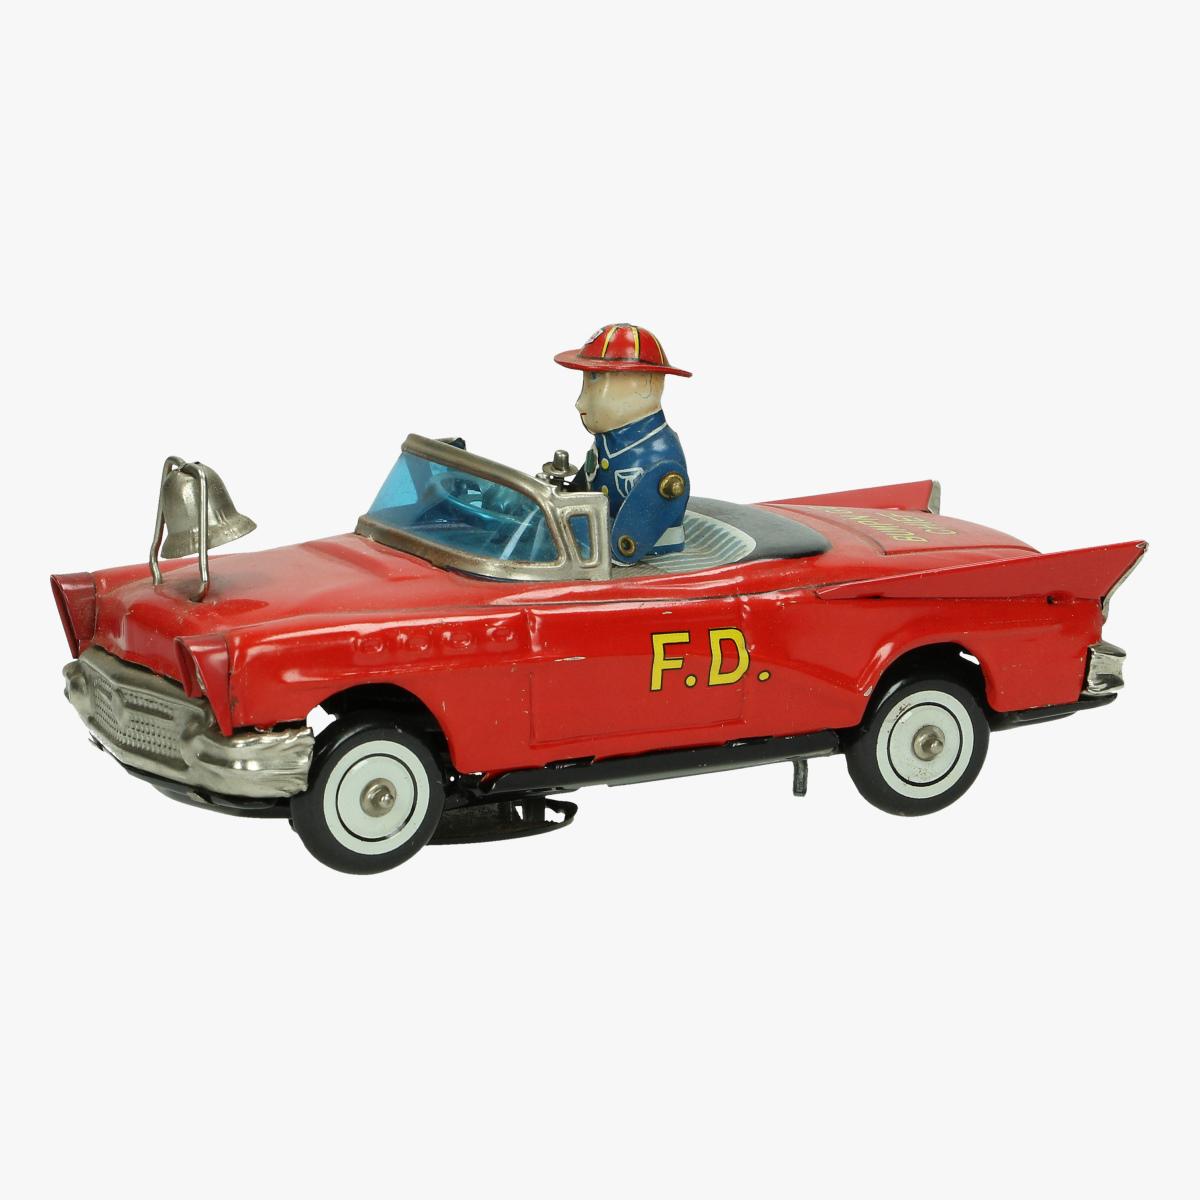 Afbeeldingen van brandweer wagen bump 'n go f.d.car made in japan